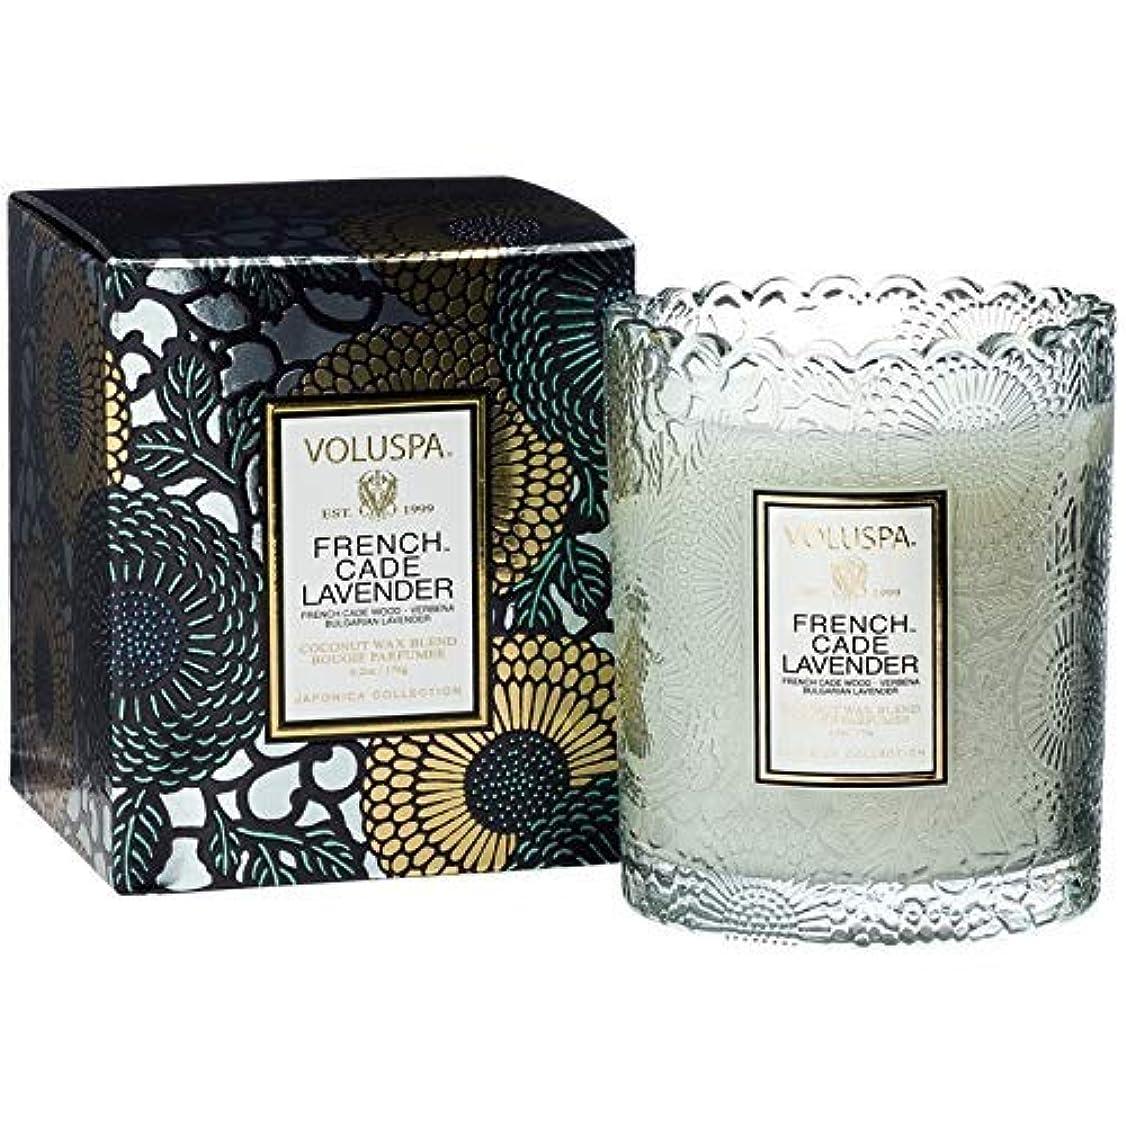 夢中どっちでもプラグVoluspa ボルスパ ジャポニカ リミテッド スカラップグラスキャンドル  フレンチケード&ラベンダー FRENCH CADE LAVENDER  JAPONICA Limited SCALLOPED EDGE Glass Candle